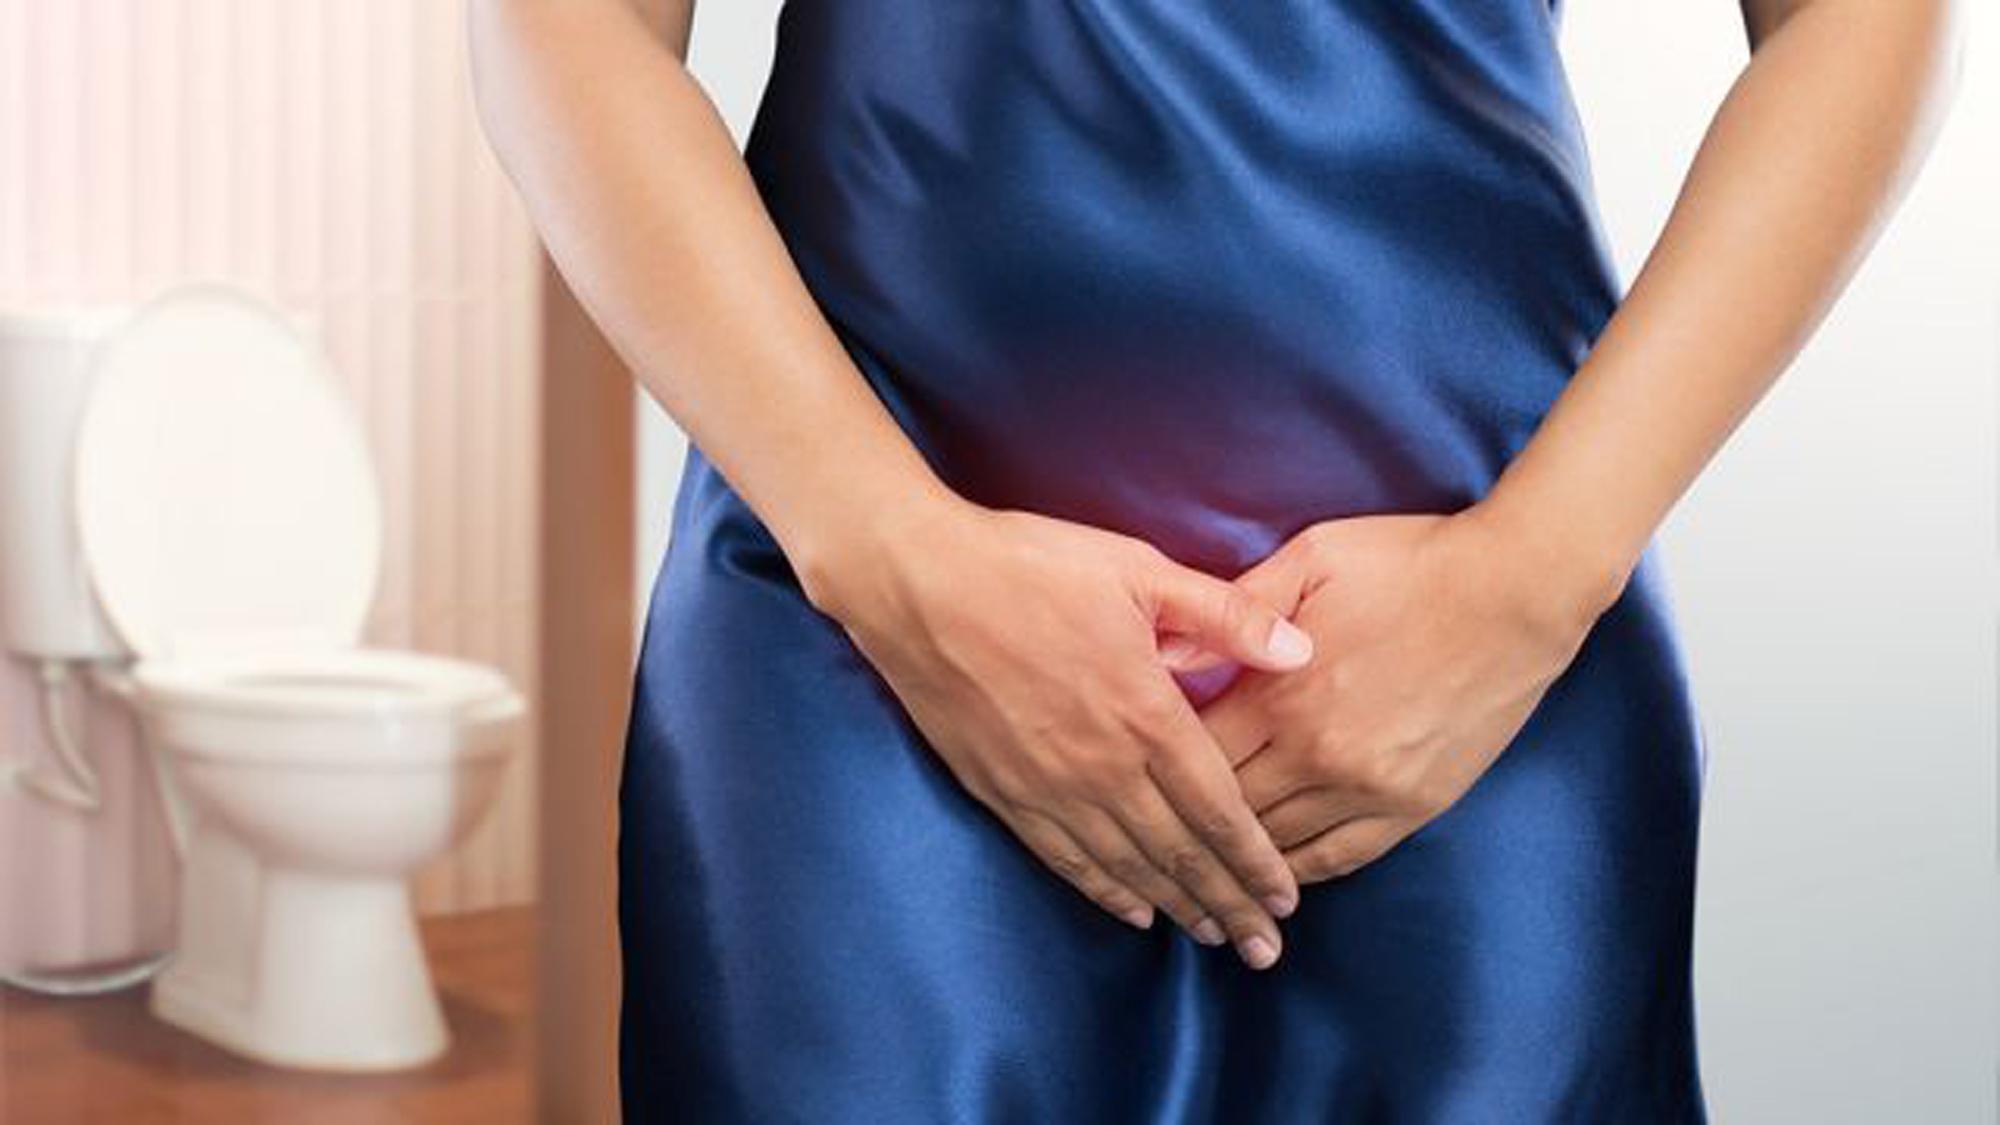 probleme de sănătate dacă nu mergi la toaletă